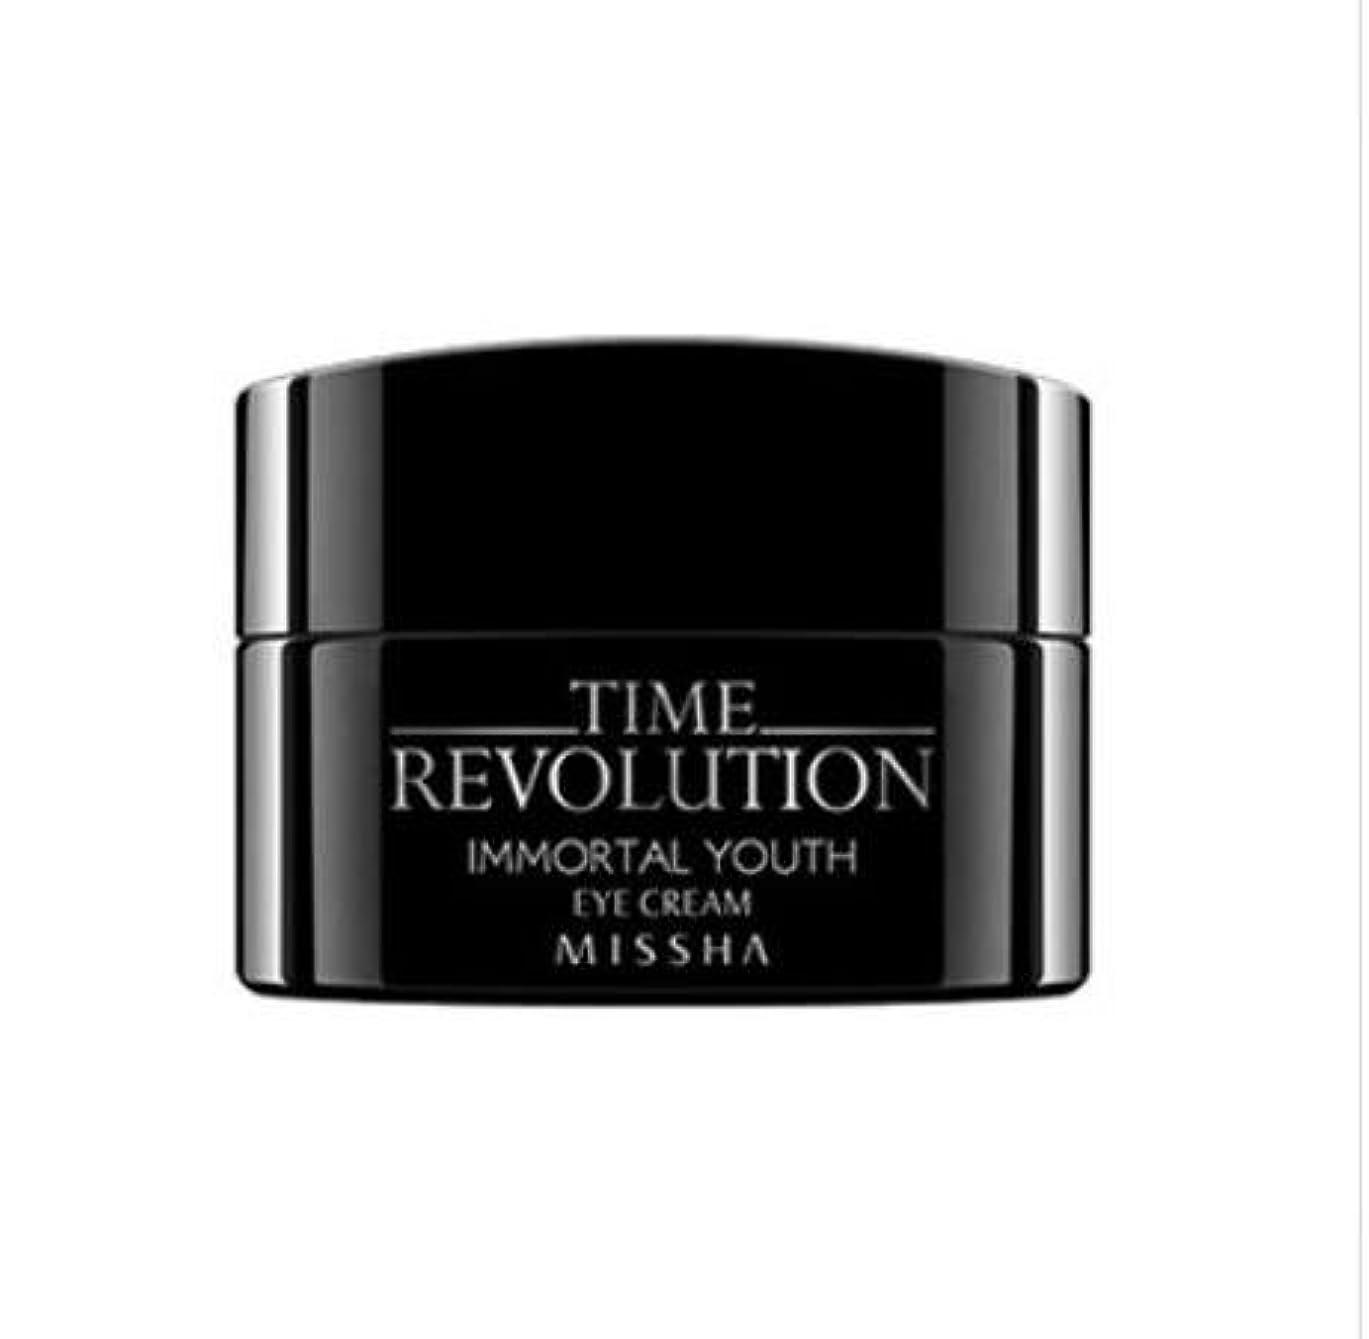 夕食を食べる性能ぬれた[ミシャ] Missha [タイムレボリューション イモタルユース アイクリーム](MISSHA Time Revolution Immortal Youth Eye Cream) [並行輸入品]